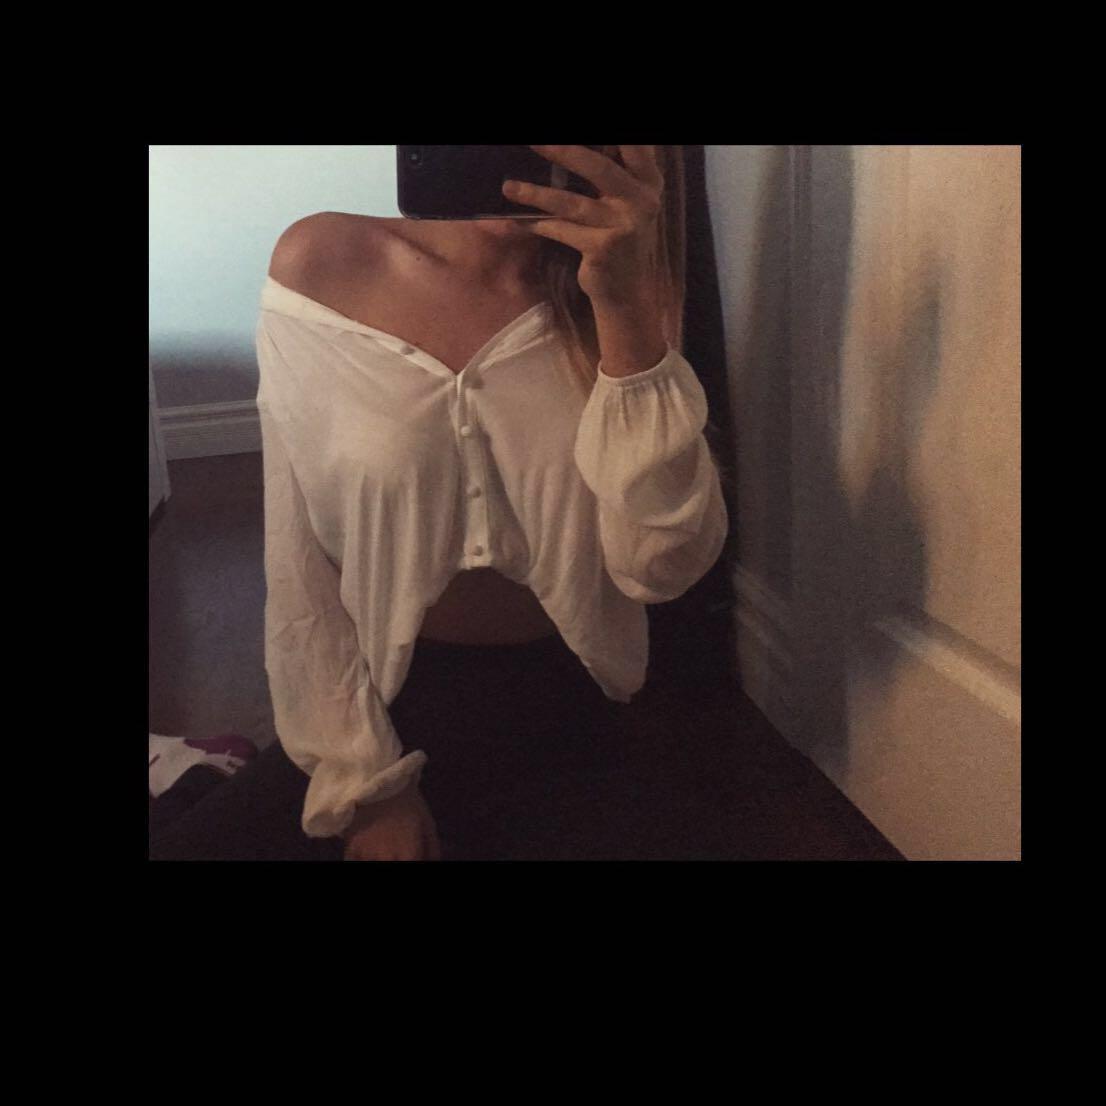 White blouse BNWT